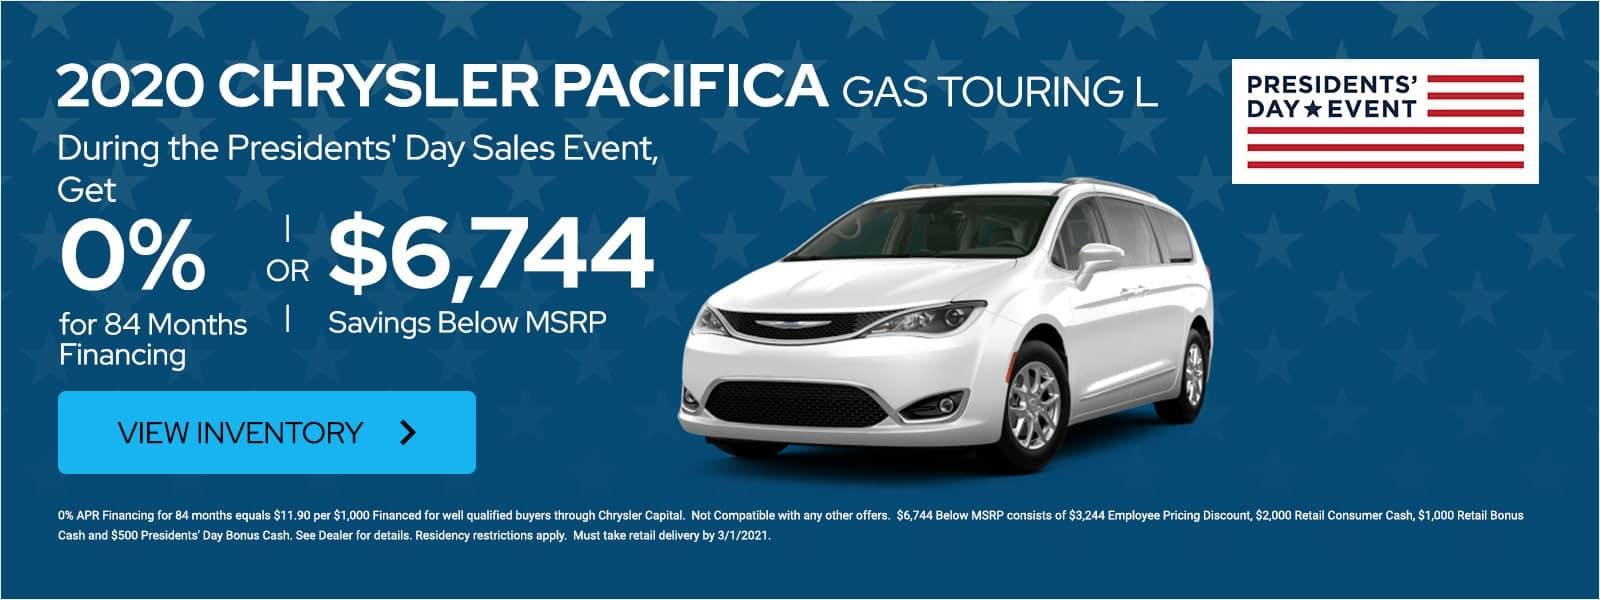 2020 Chrysler Pacifica offer